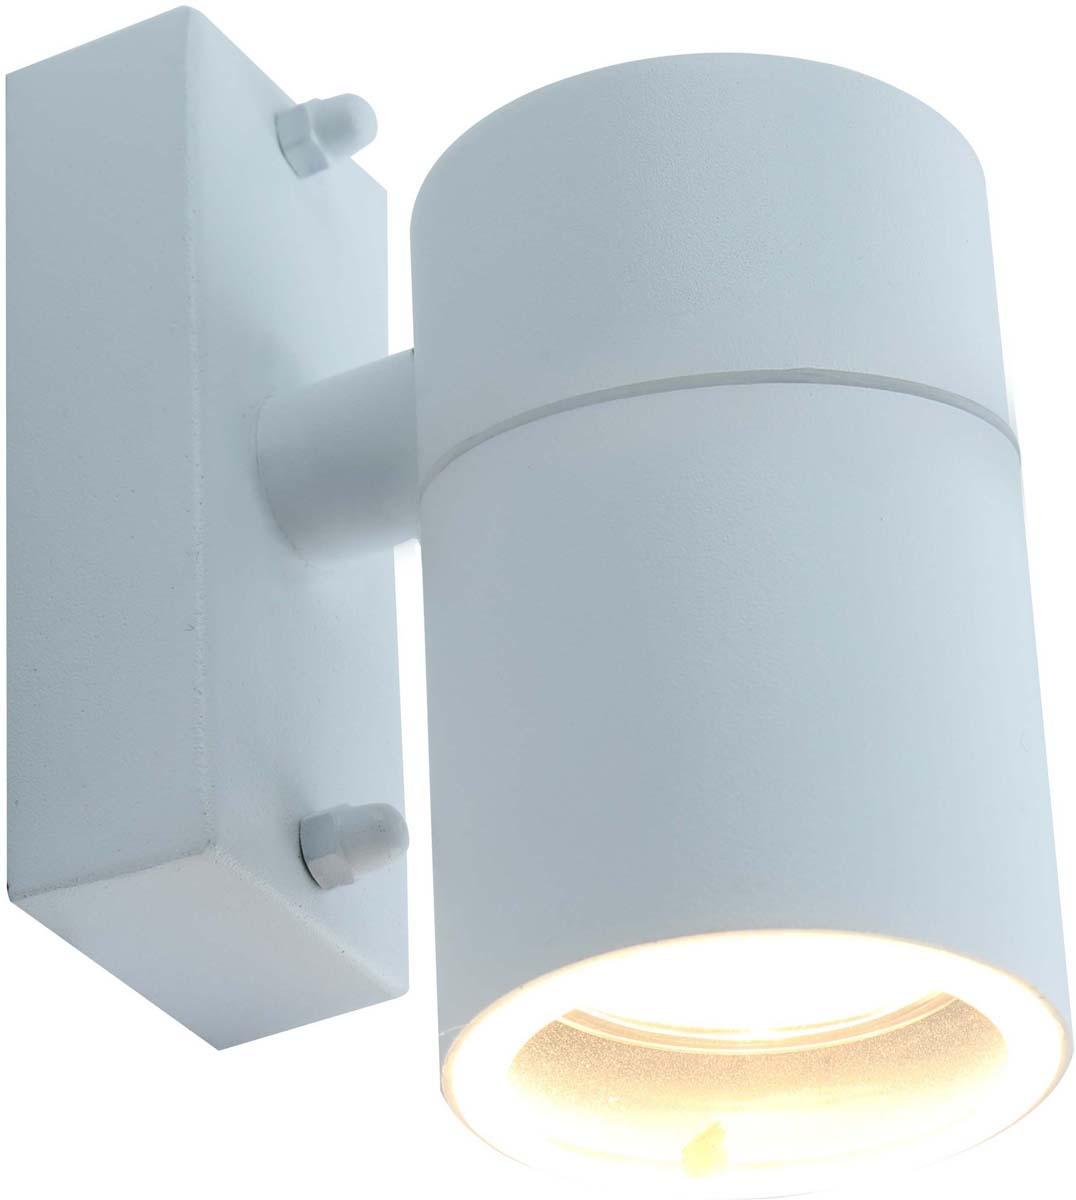 Светильник уличный Arte Lamp Mistero, цвет: белый, 1 х GU10, 50 W. A3302AL-1WH